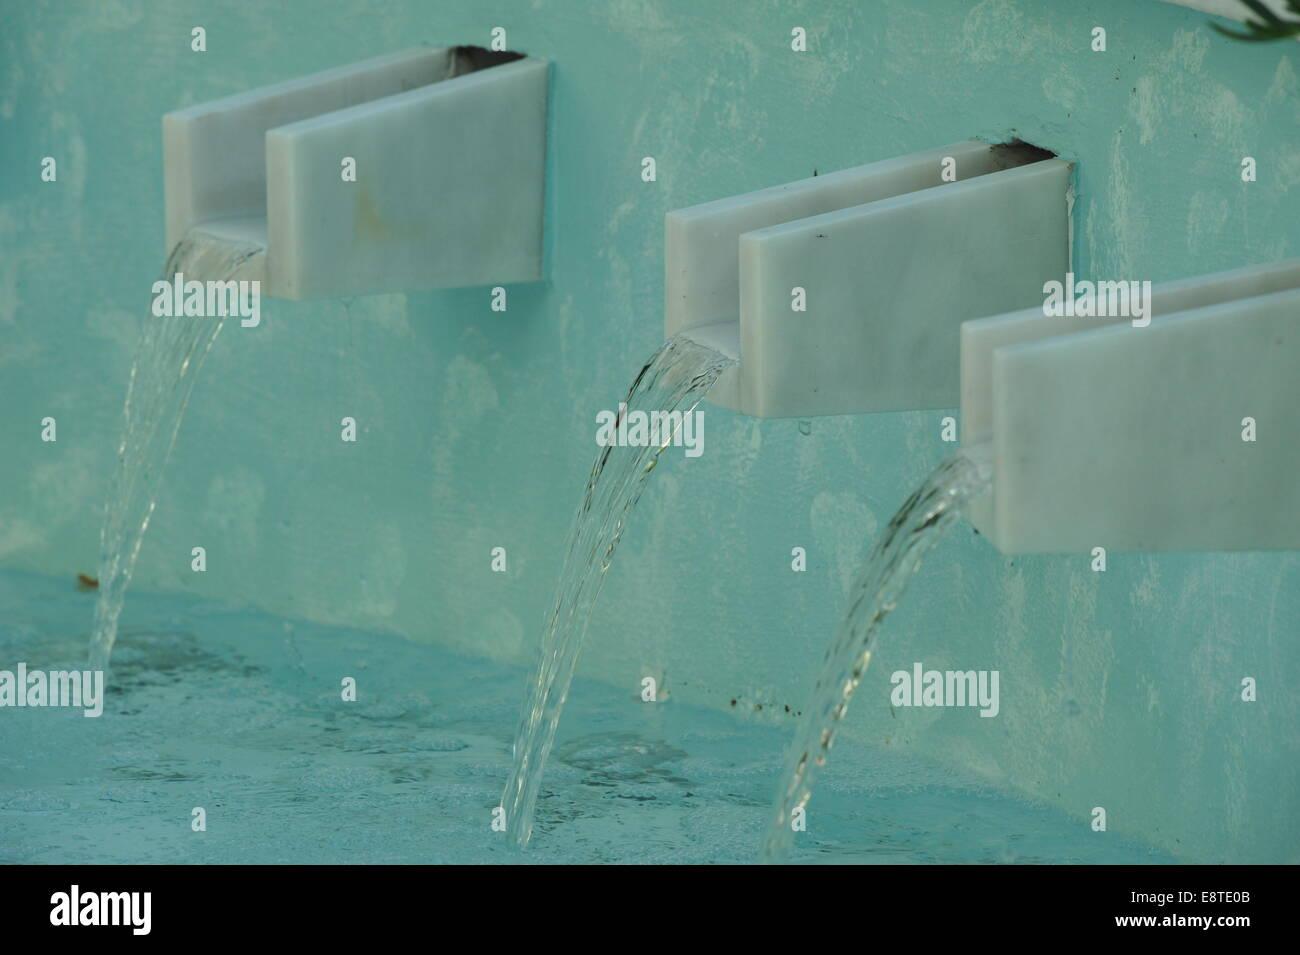 Wellness-Bereich in Hotelanlage, Chalkidiki, Griechenland. - Stock Image